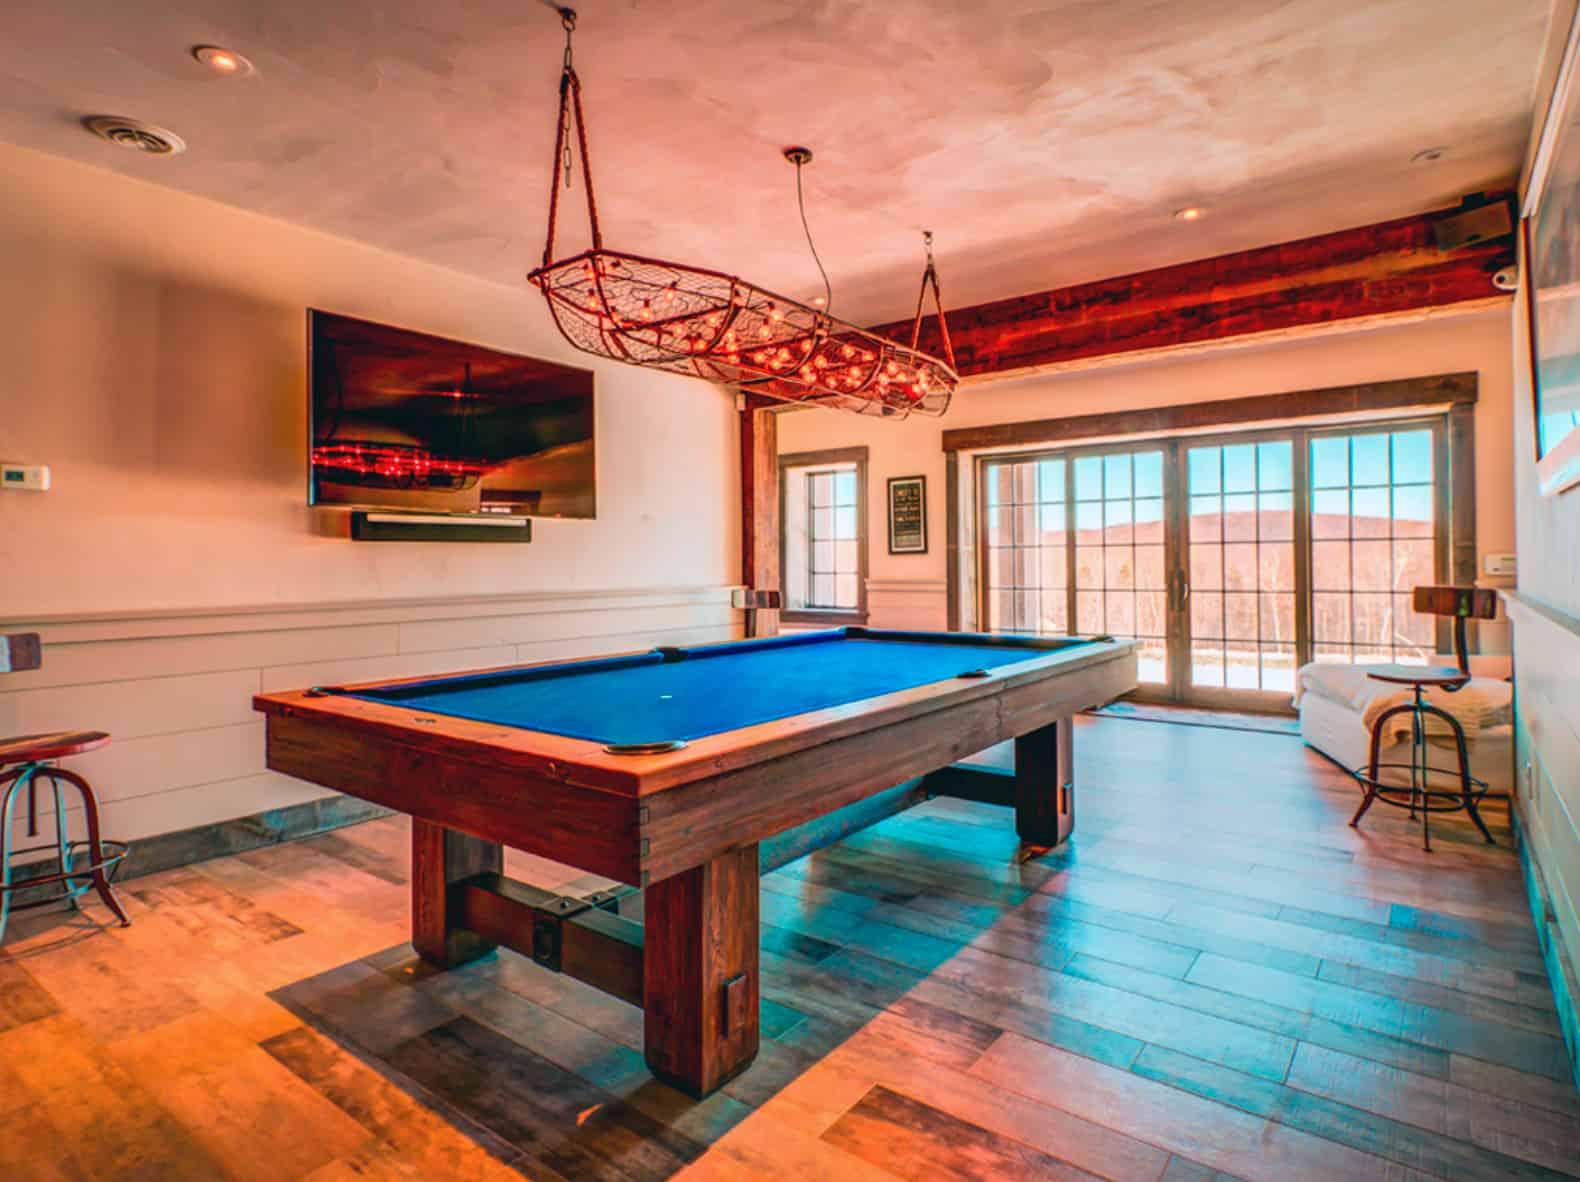 rustic-pool-room-basement